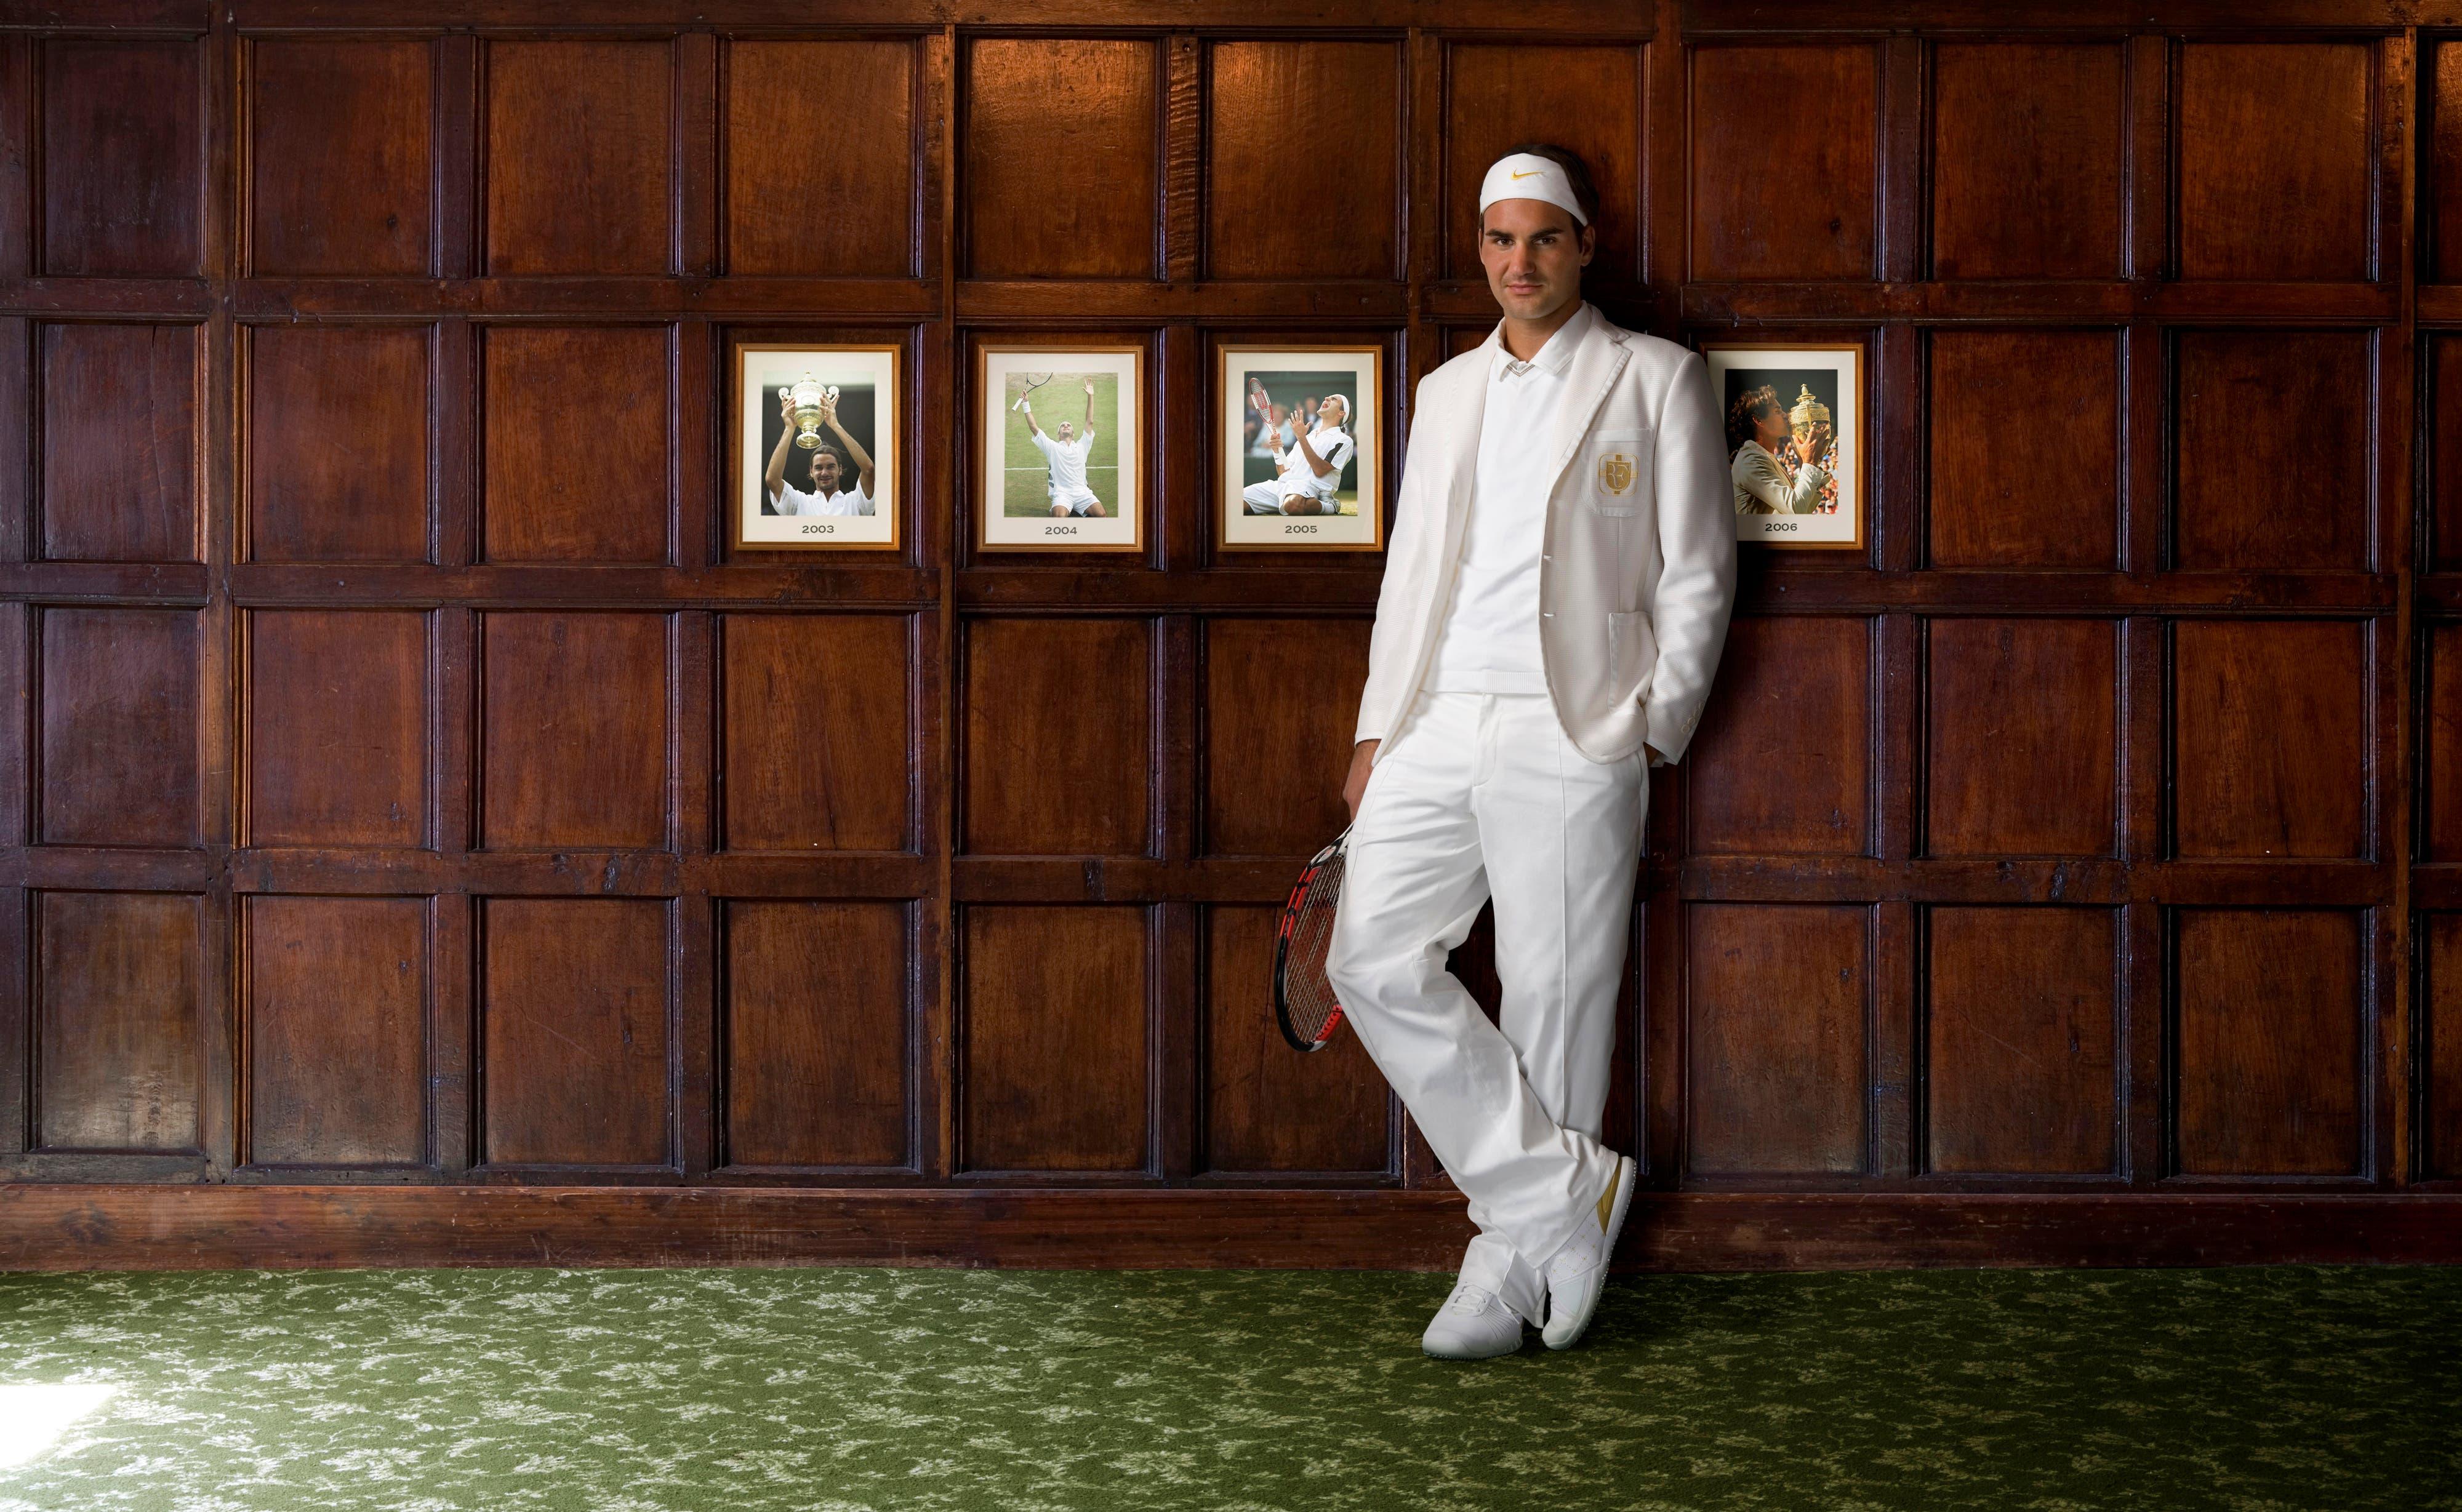 «Das Bild ist eine kleine Mogelpackung. Es entstand 2007 in der Woche vor Wimbledon, nicht in der Kabine, sondern vor dem Garagentor des Hauses, das Roger gemietet hatte. Den Hintergrund ersetzten wir erst später. Es war das erste Mal, dass Roger diese weisse Jacke trug und die Bilder als Werbung für Nike gedacht.» (Bild: Clive Brunskill/Getty Images)